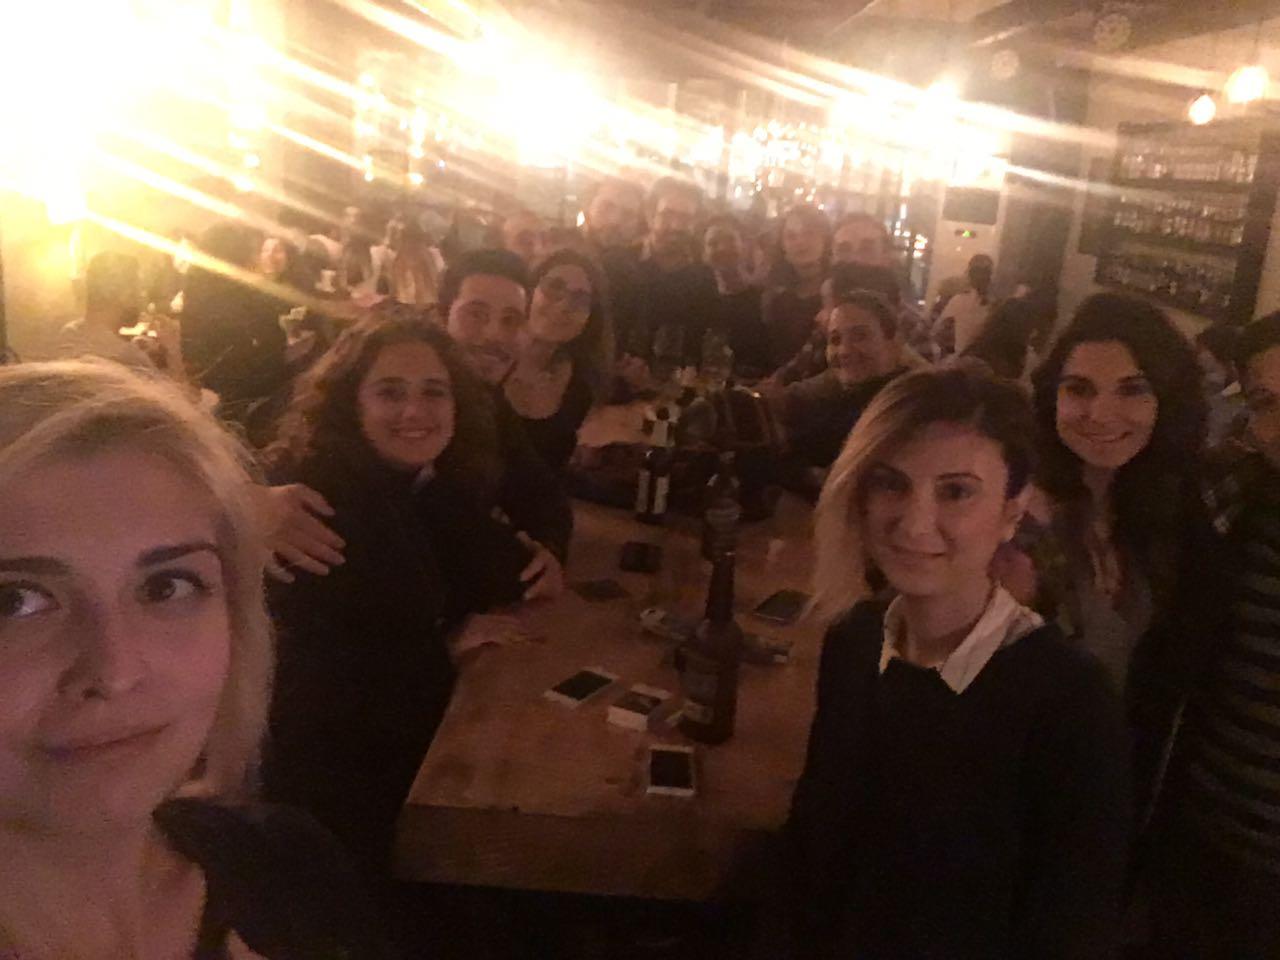 25.11.2016 / Bakırköy RAC – Fatih RAC – Ortaköy RAC Ortak Ocakbaşı